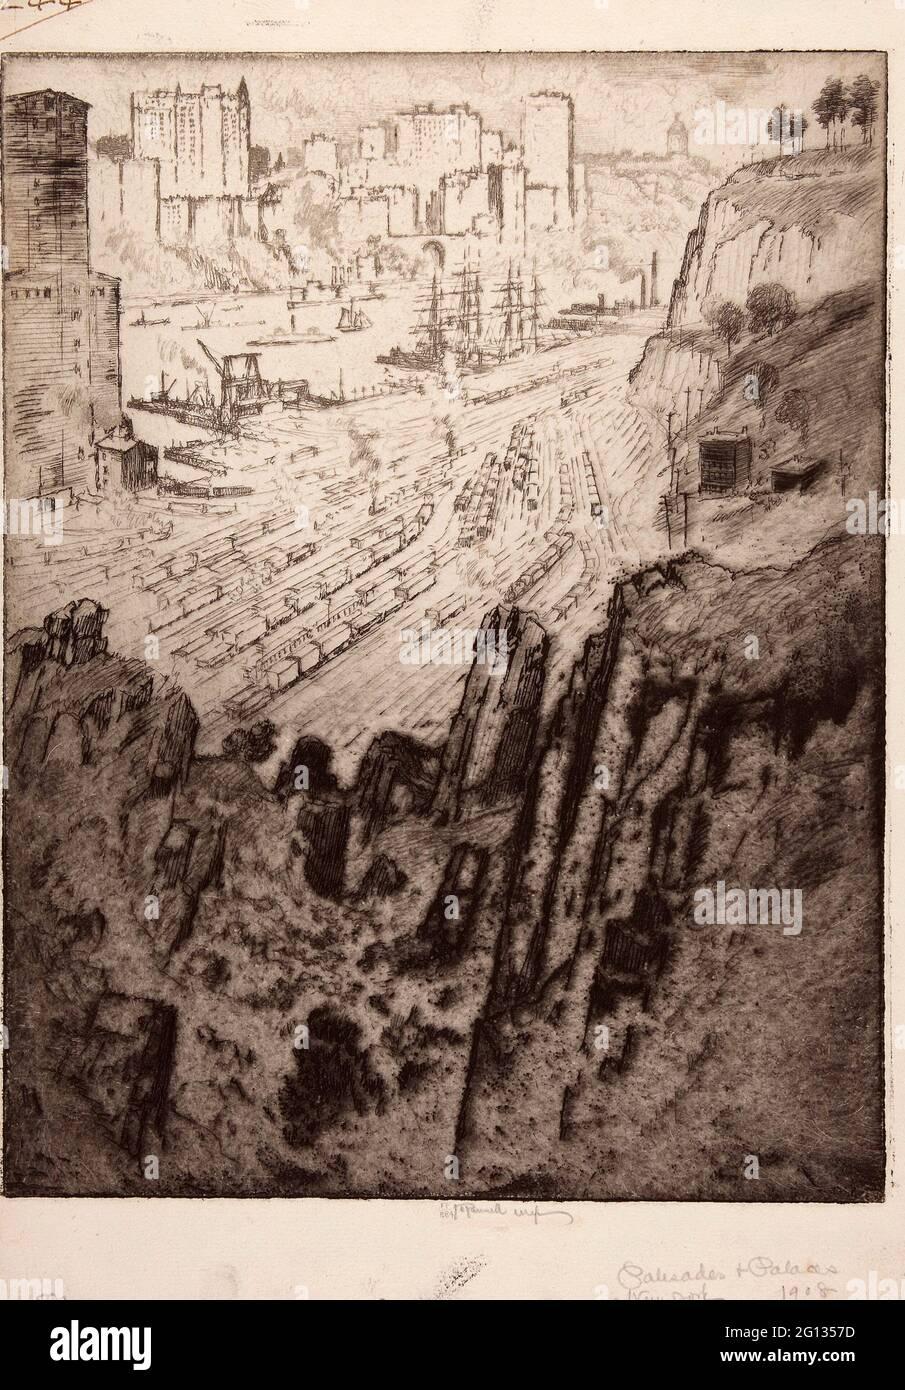 Auteur: Joseph Pennell. Palisades et Palais - 1908 - Joseph Pennell American, 1857-1926. Gravure de papier à poser ivoire. États-Unis. Banque D'Images